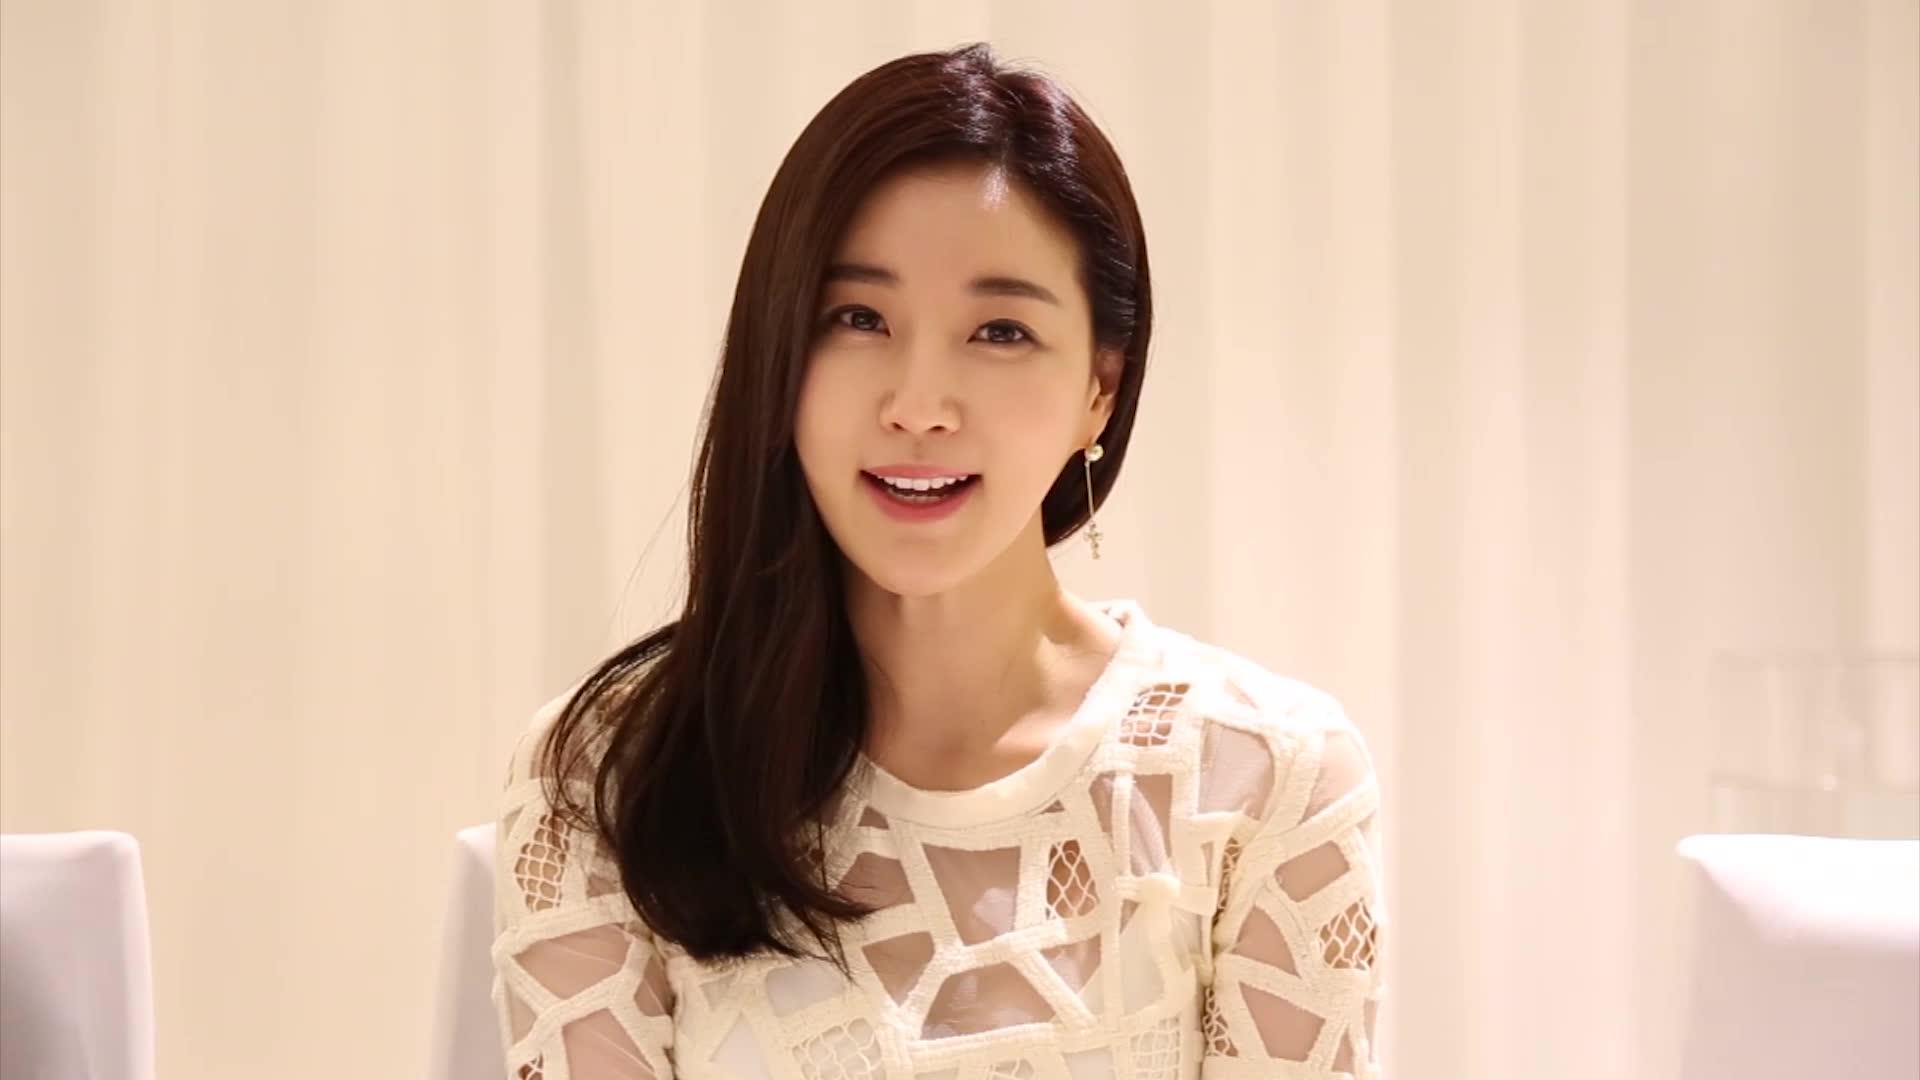 Sa-rang Kim at an event for Sa-rang-ha-neun eun-dong-ah (2015)